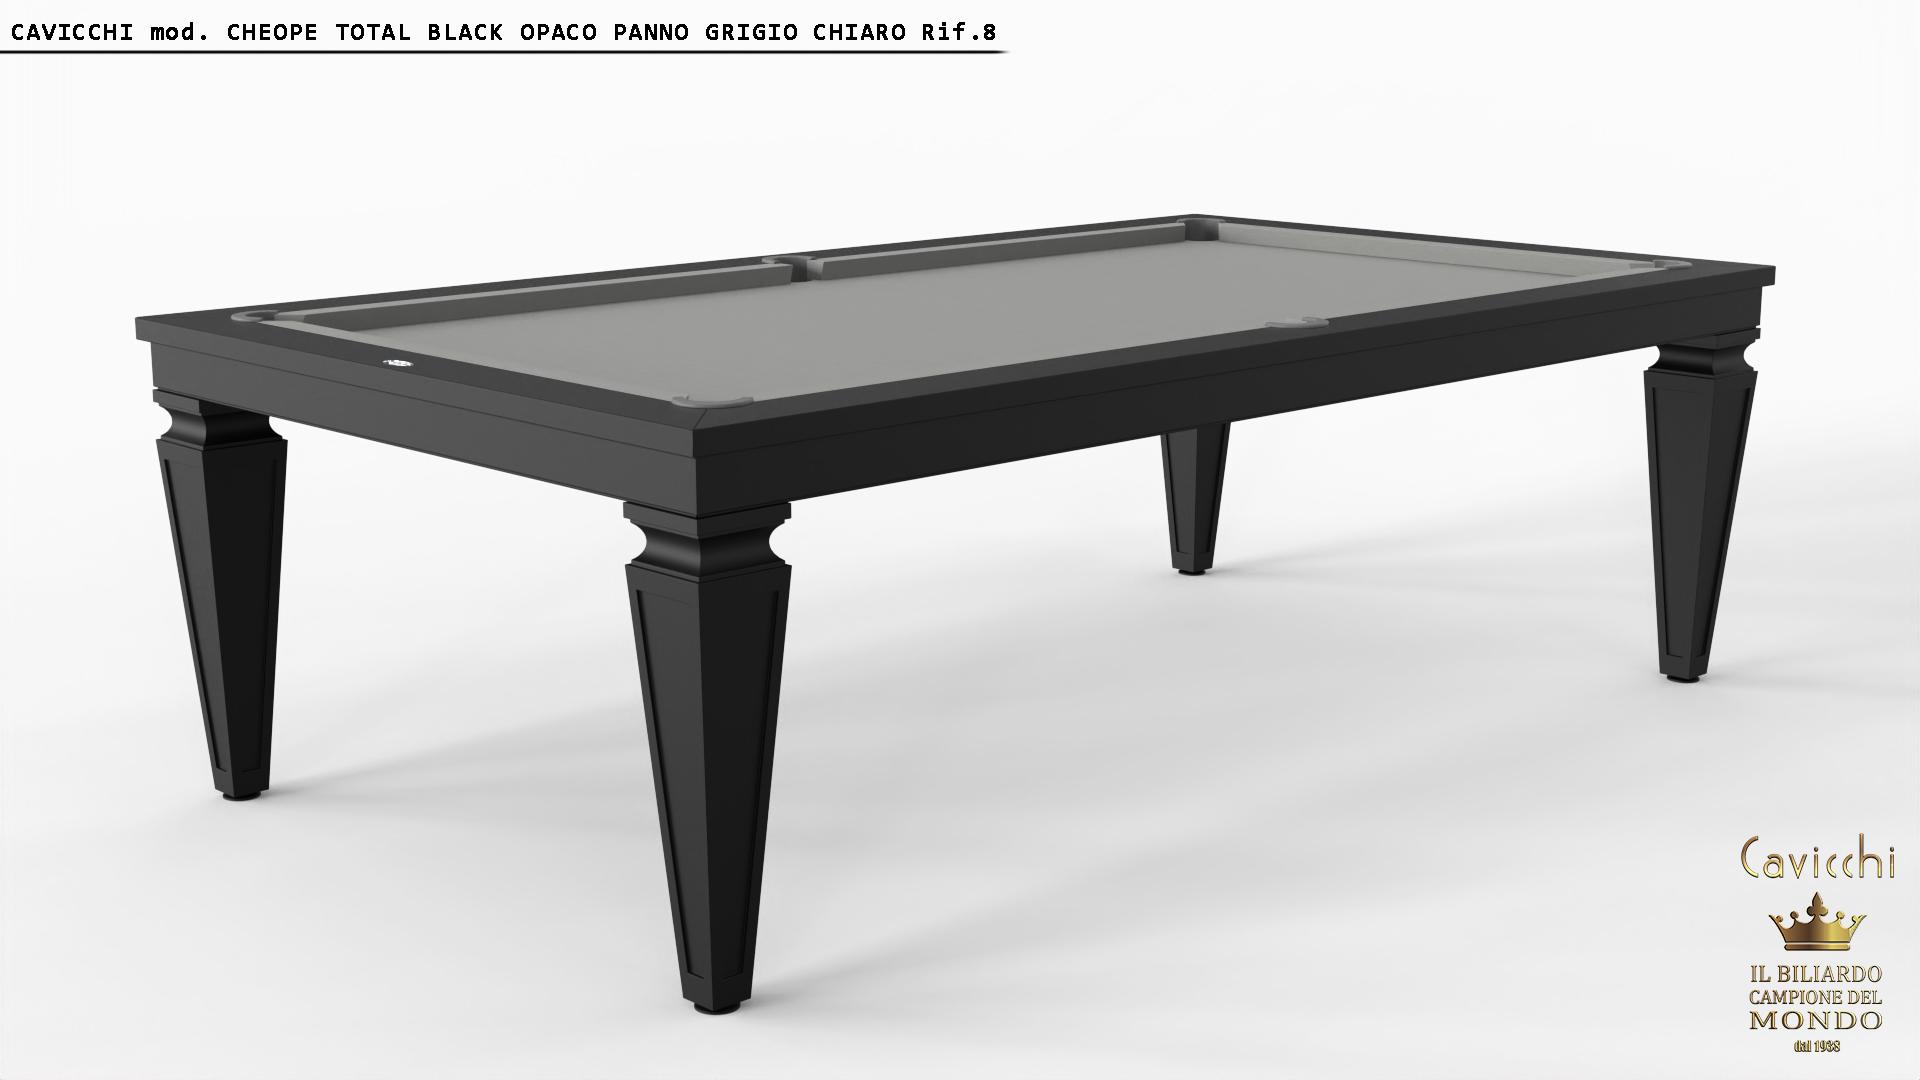 Biliardo-Tavolo Cheope White - Black 8